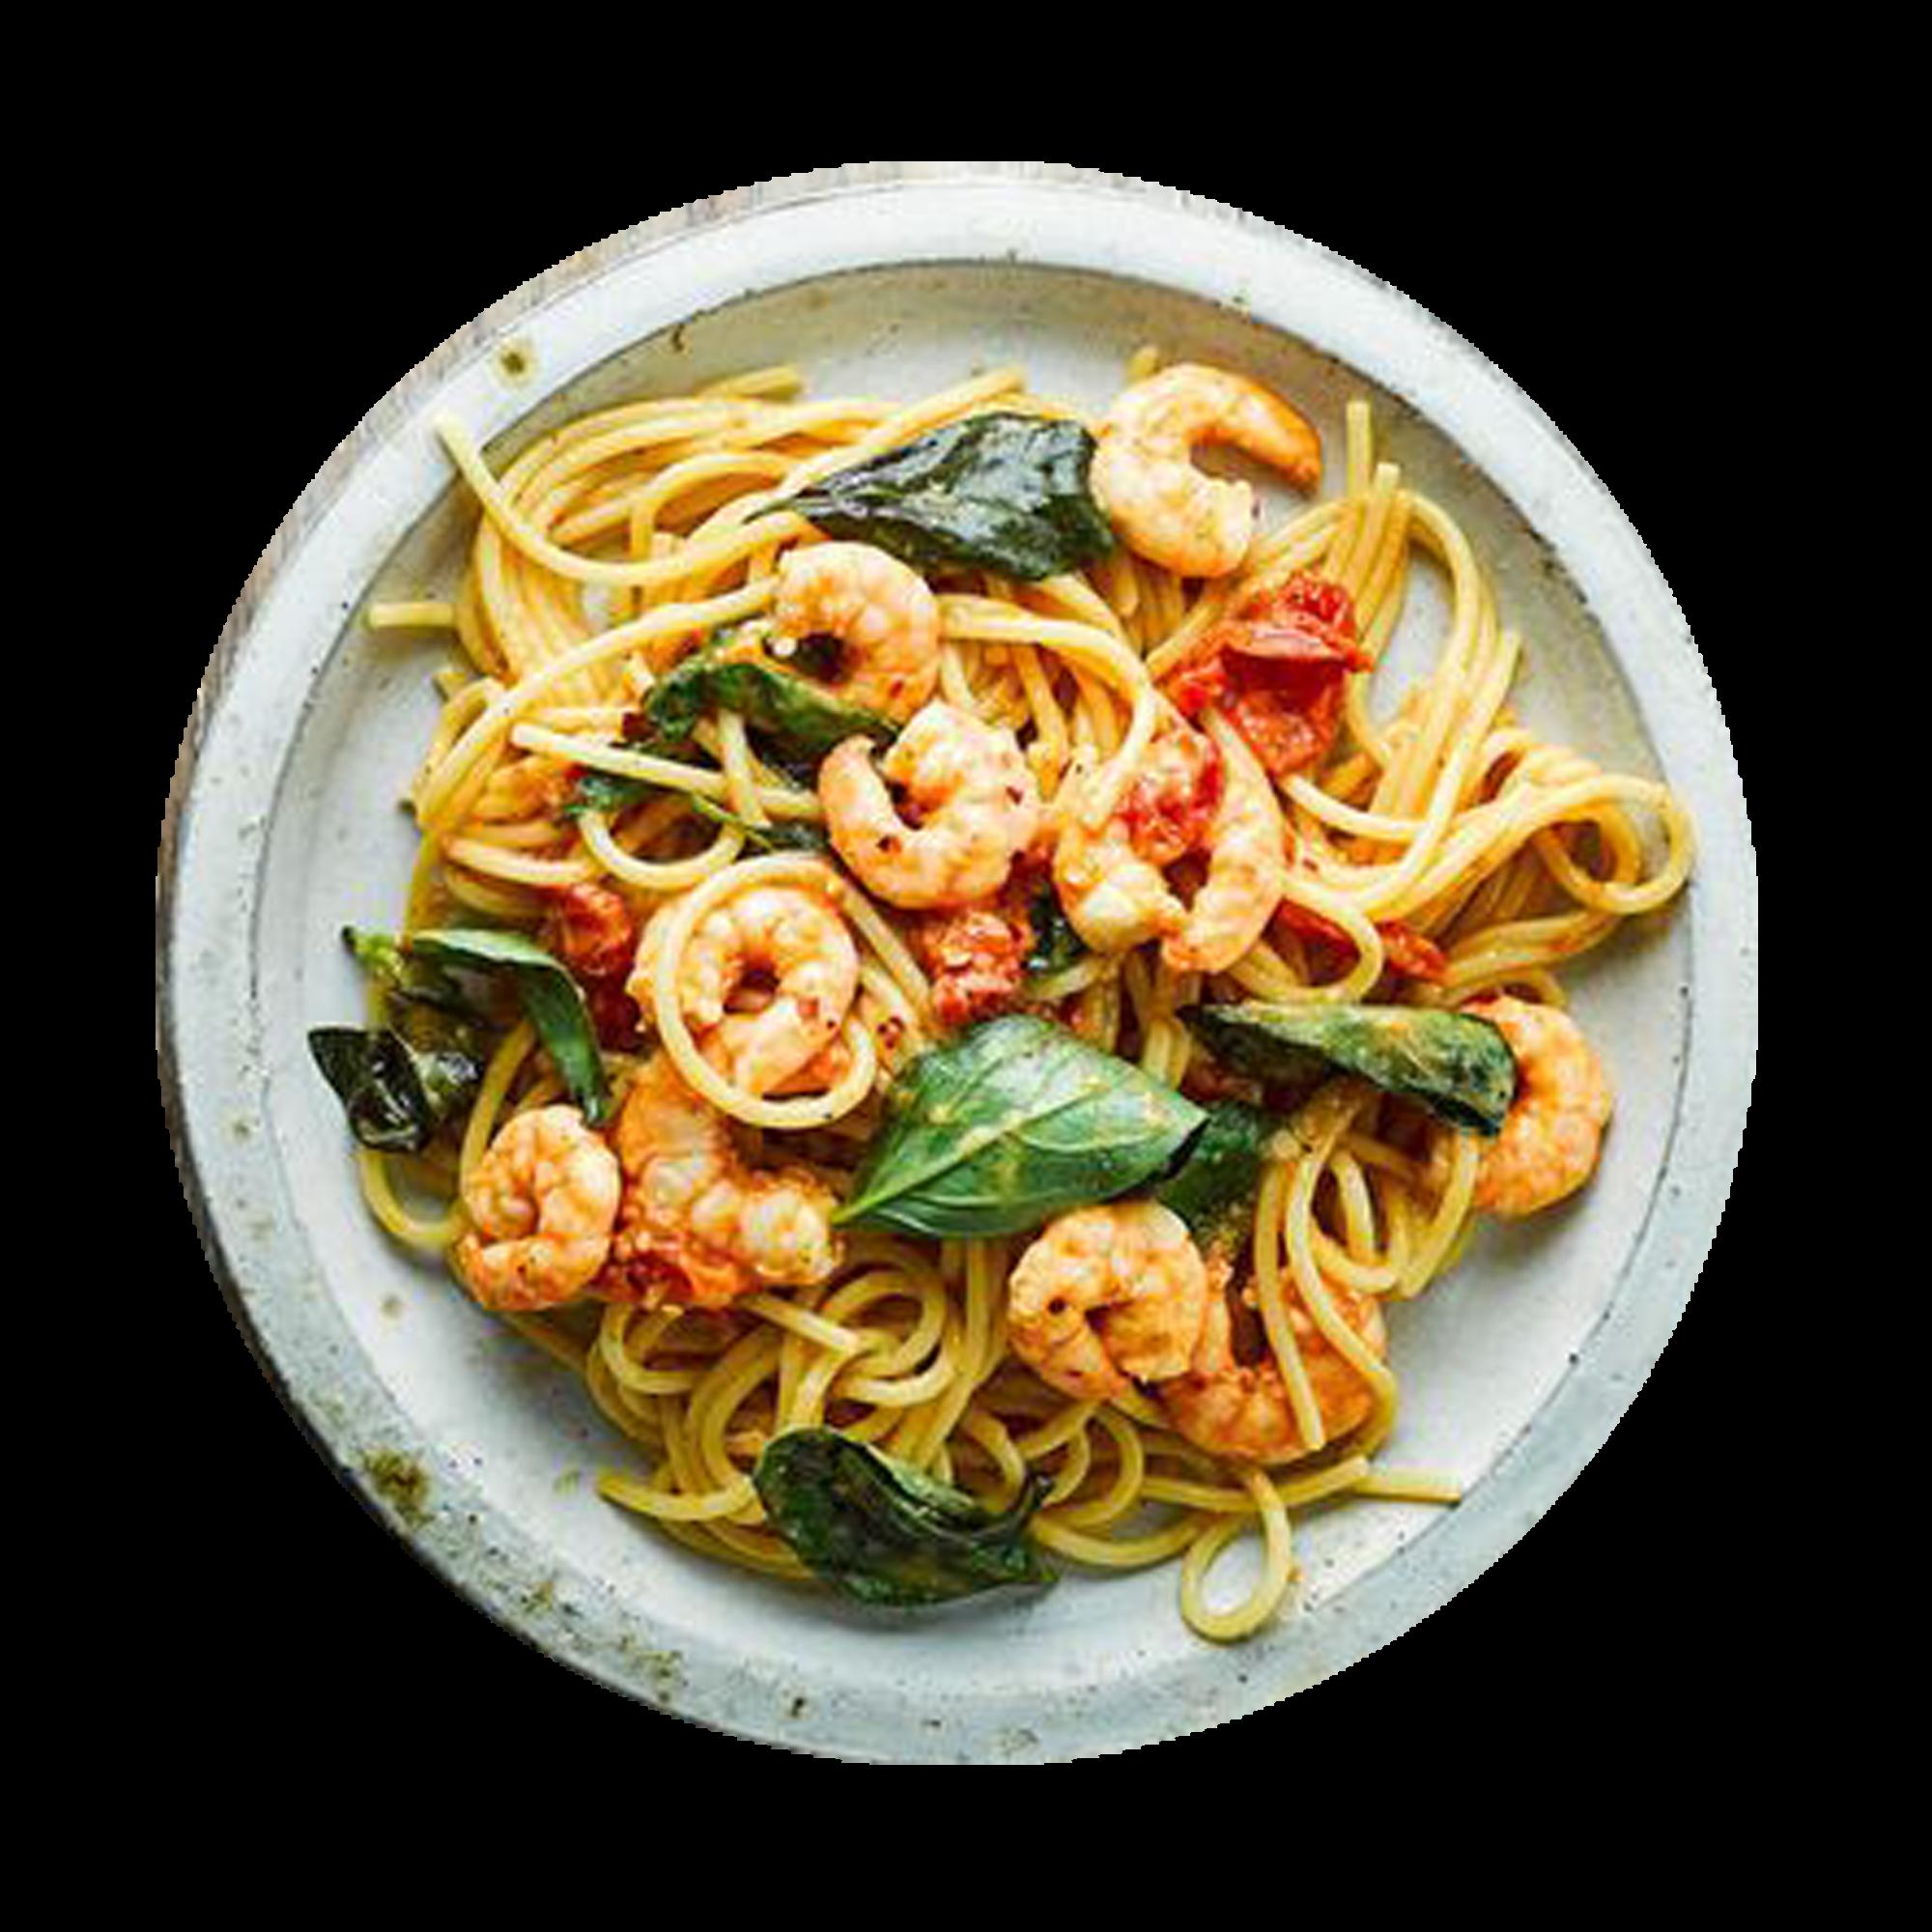 Prawn Aglio Olio Spaghetti with tomato, chilli and basil